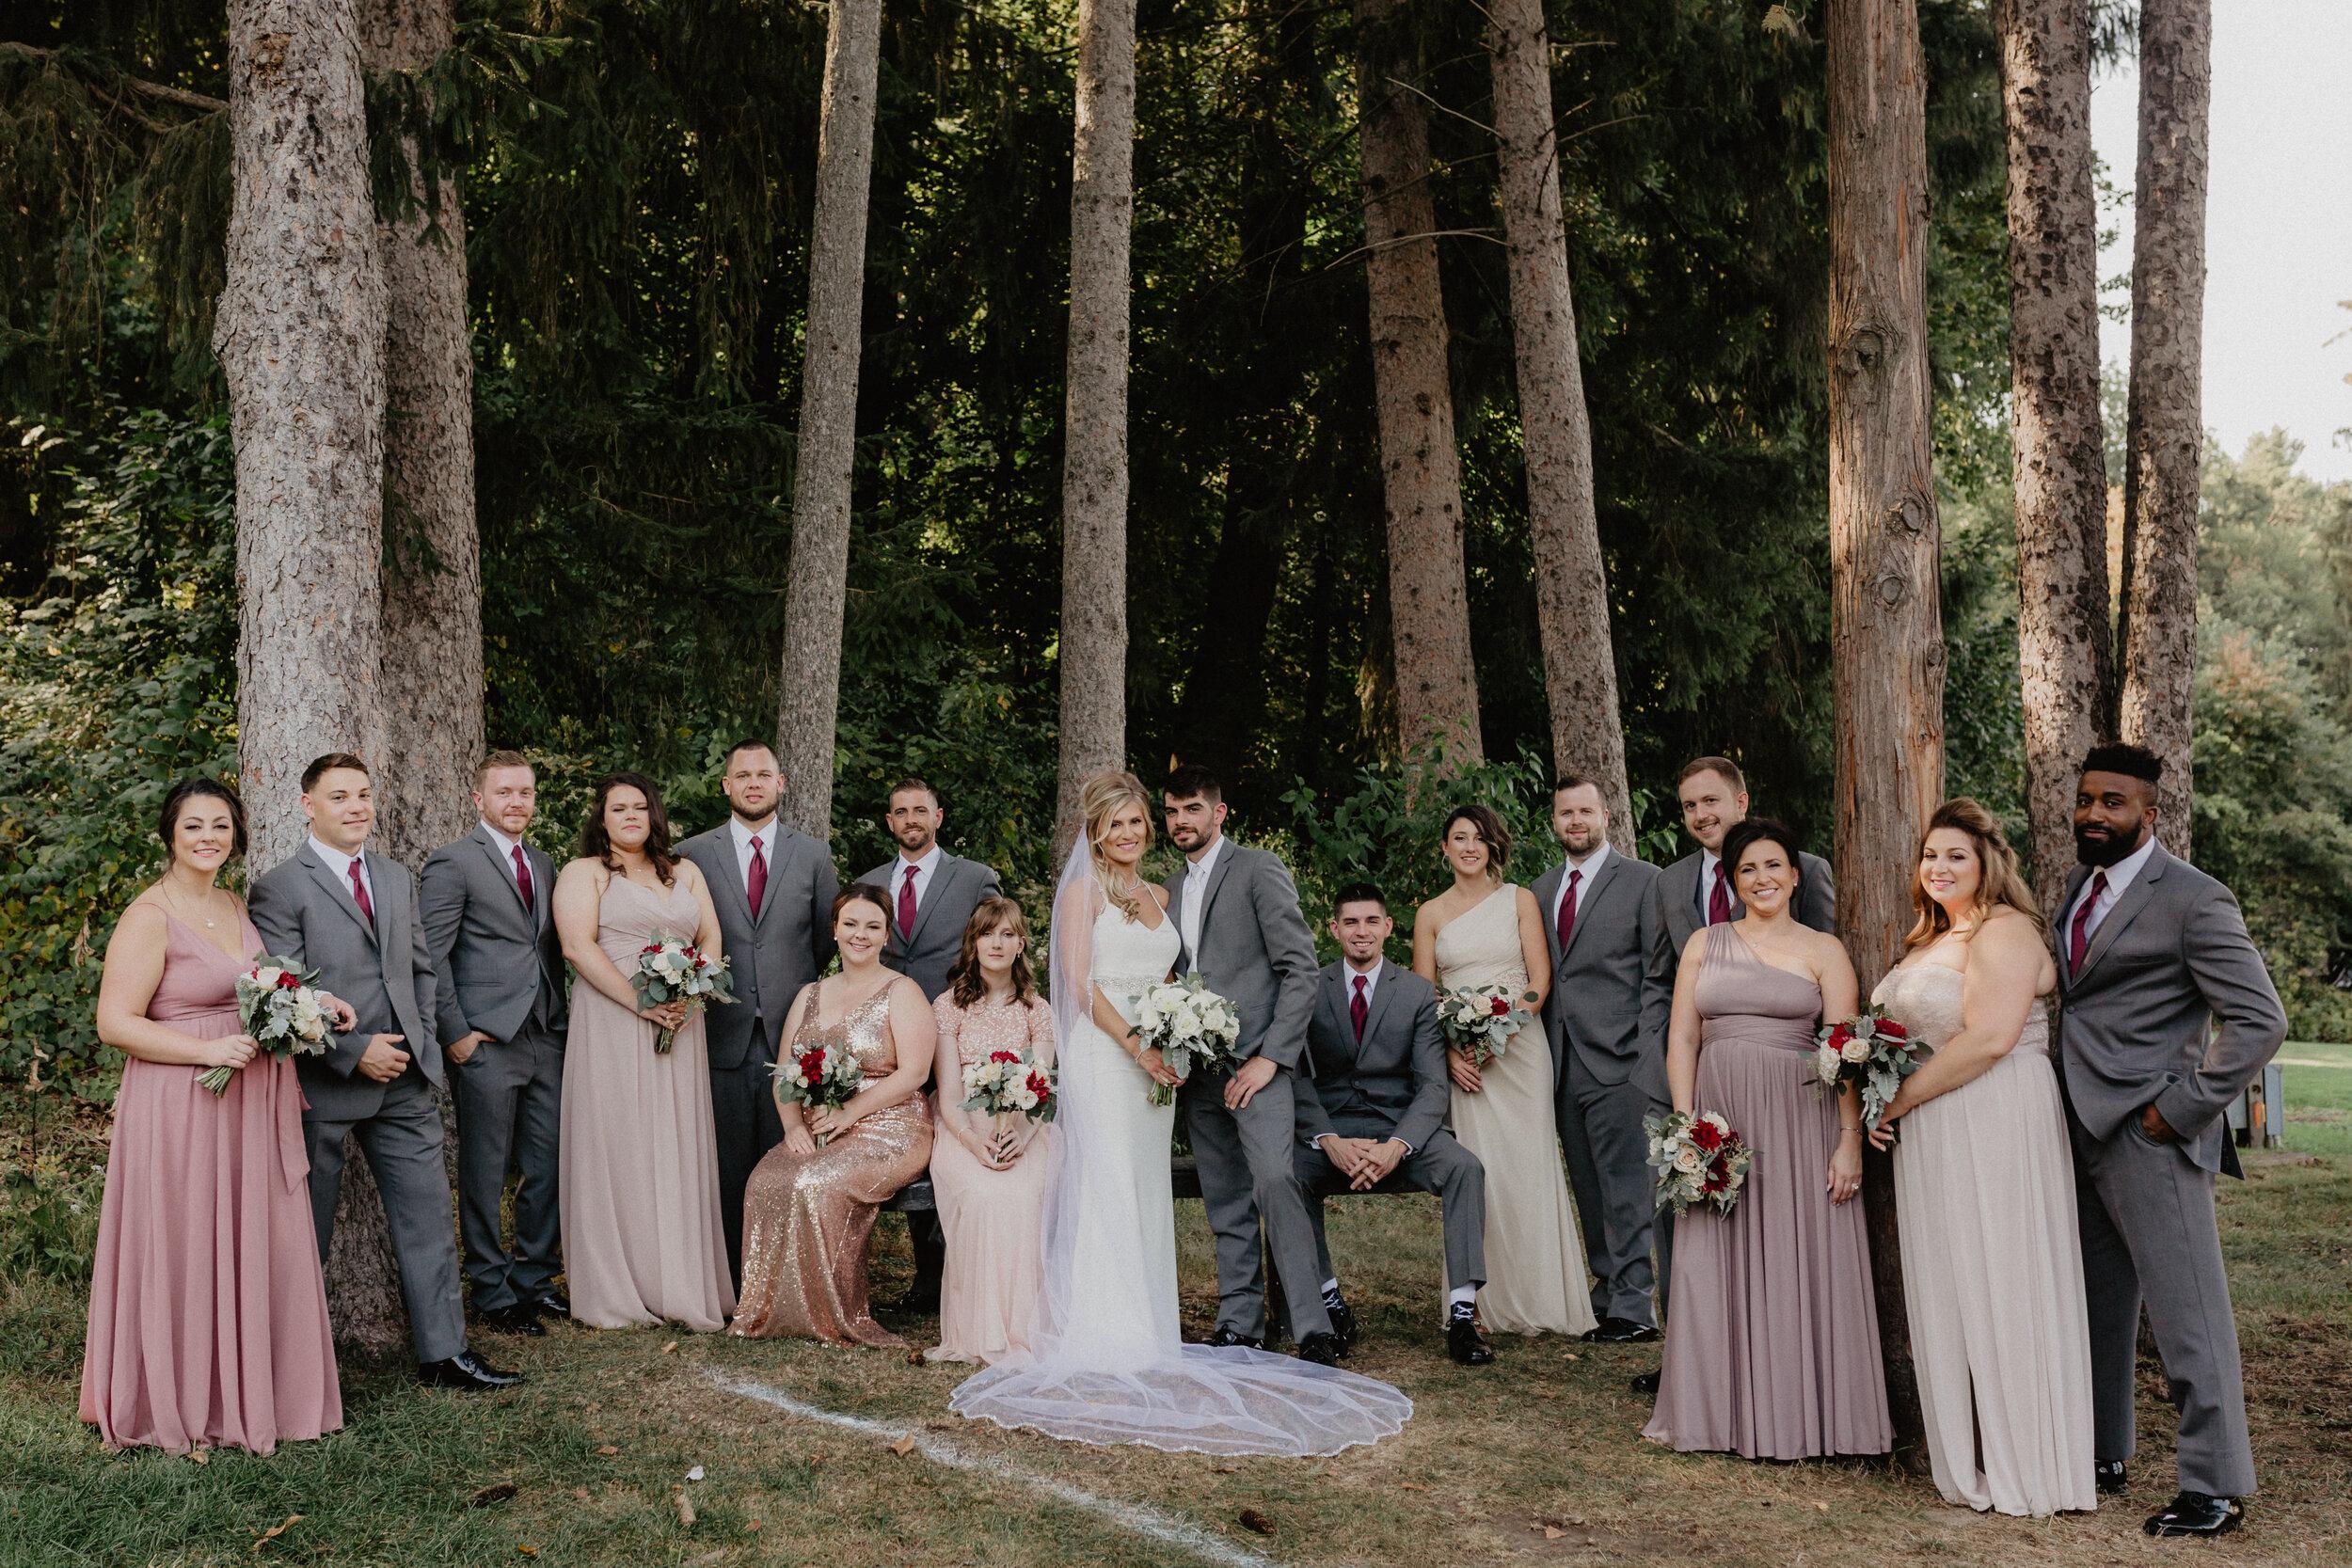 schenectady-new-york-wedding028.jpg